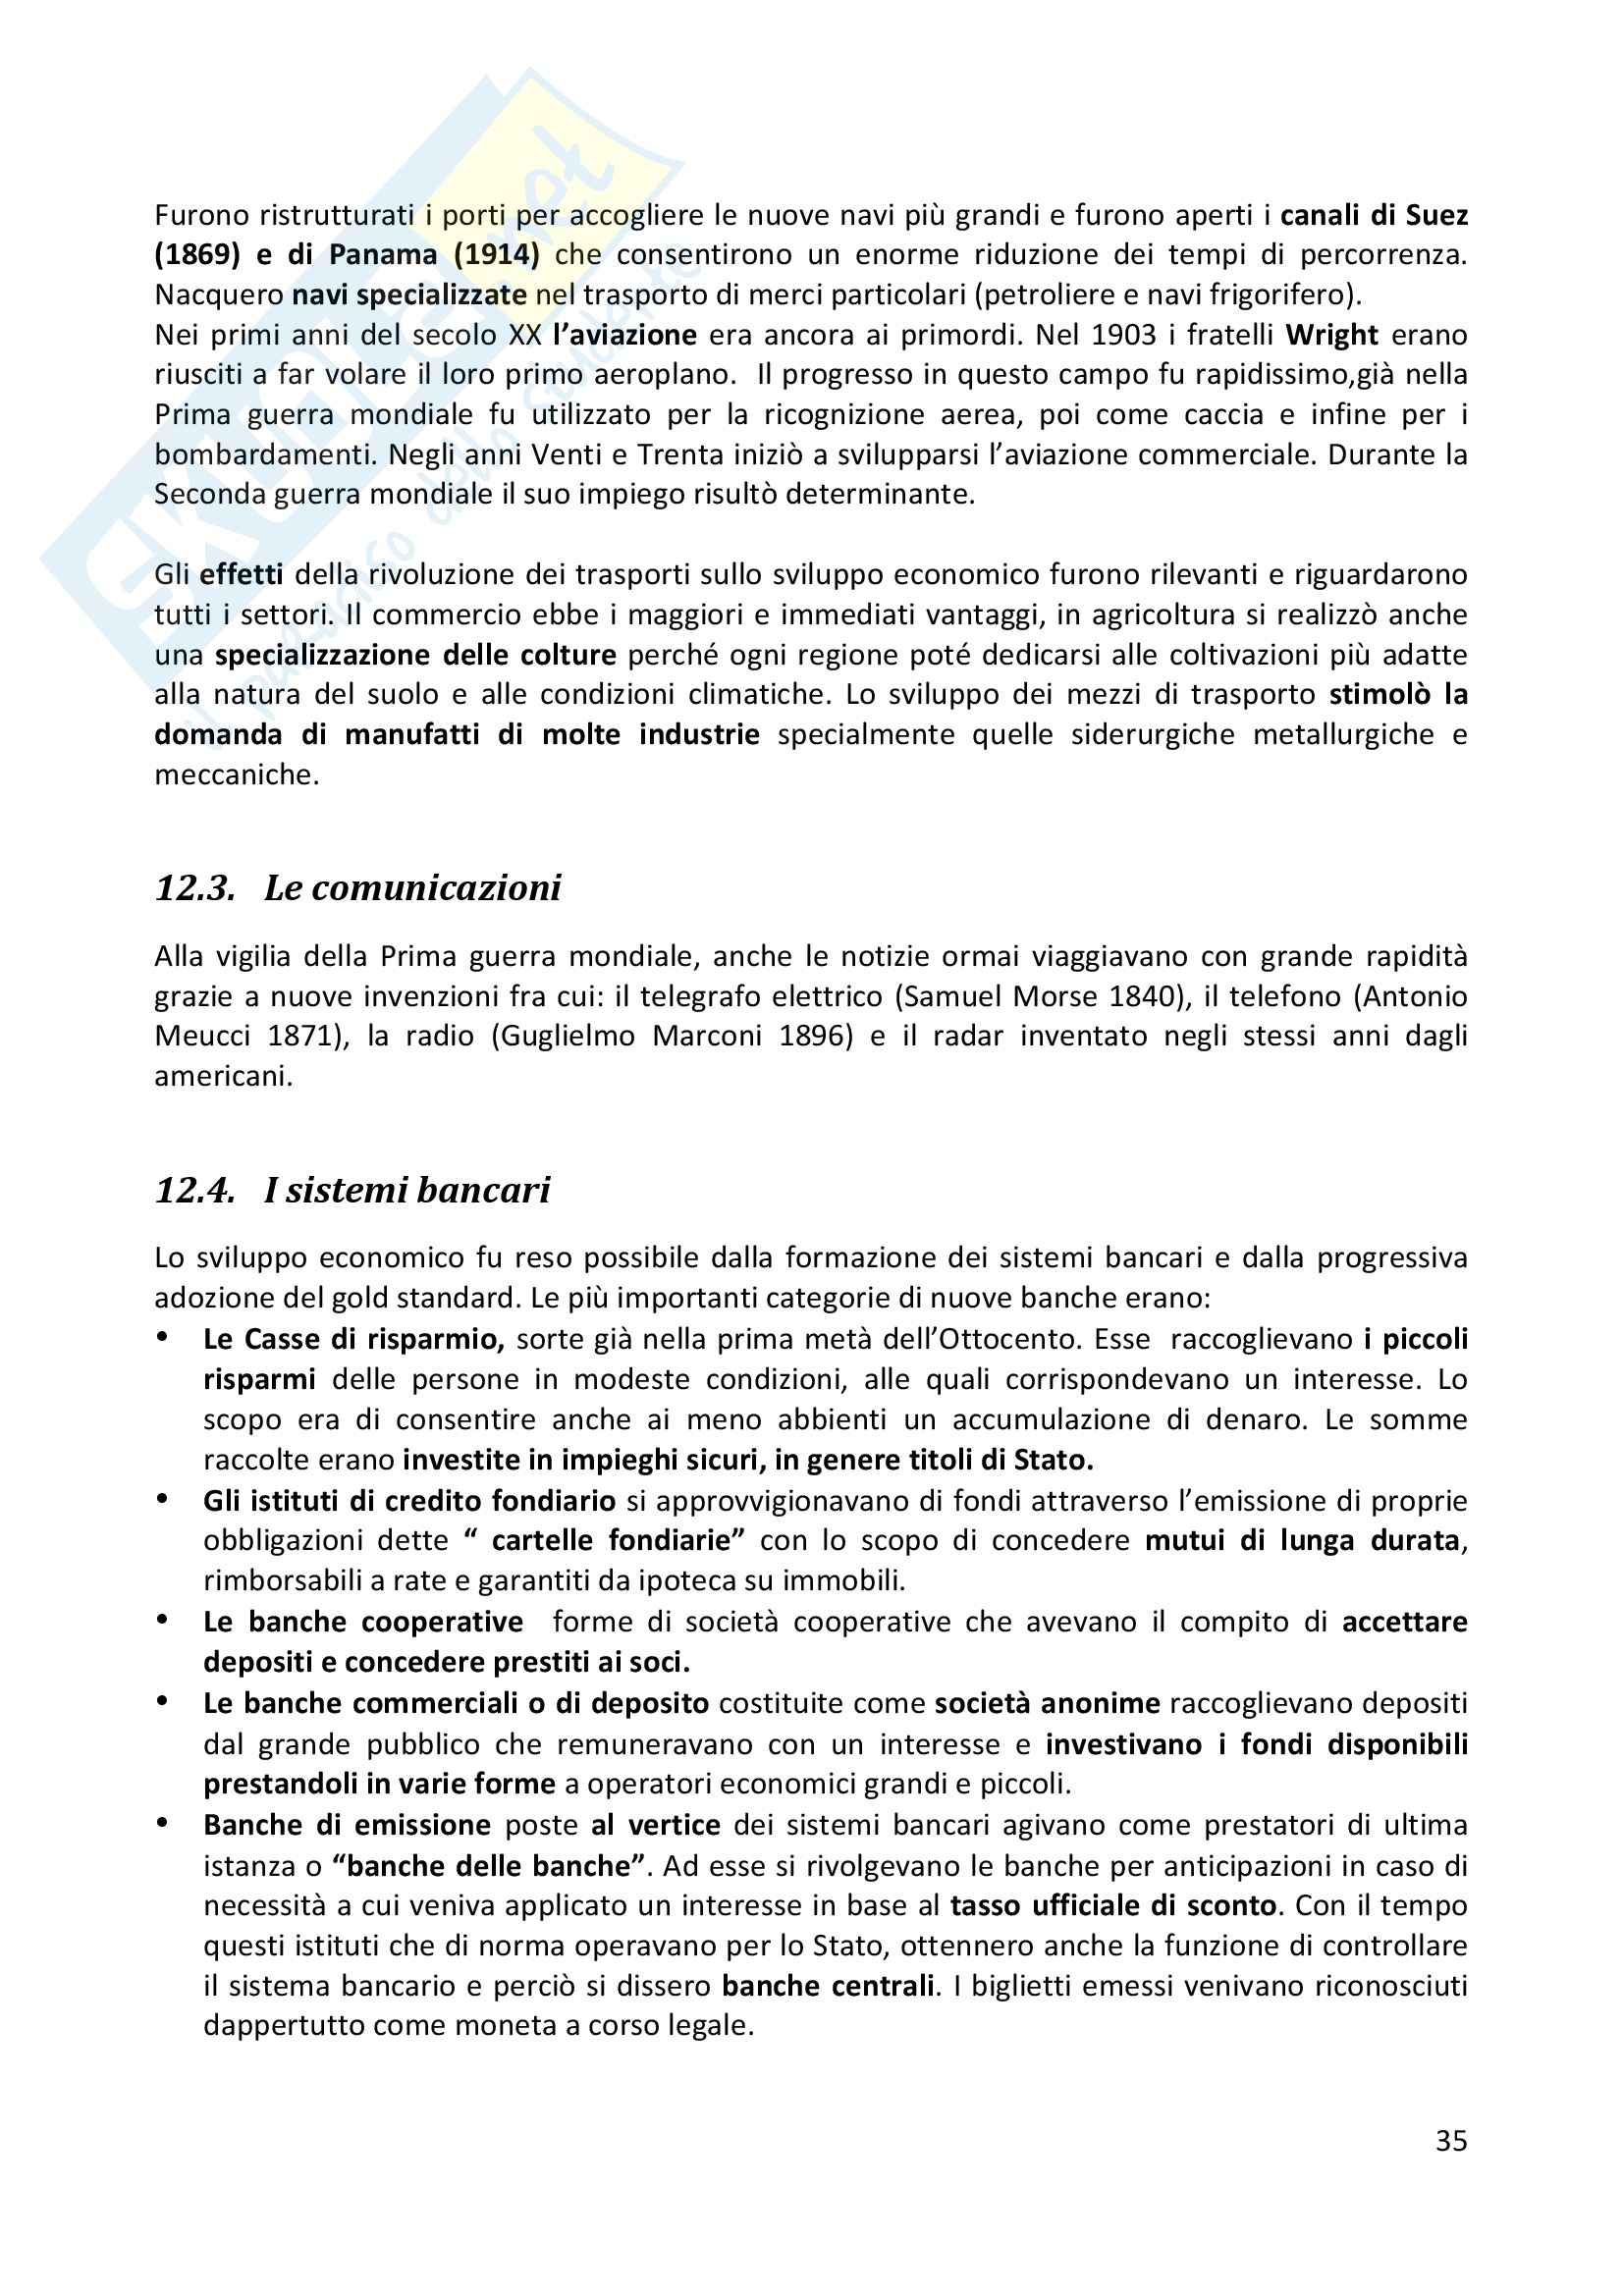 Riassunto esame completo per paragrafi- Storia Economica De Simone, prof. Di Taranto Pag. 36